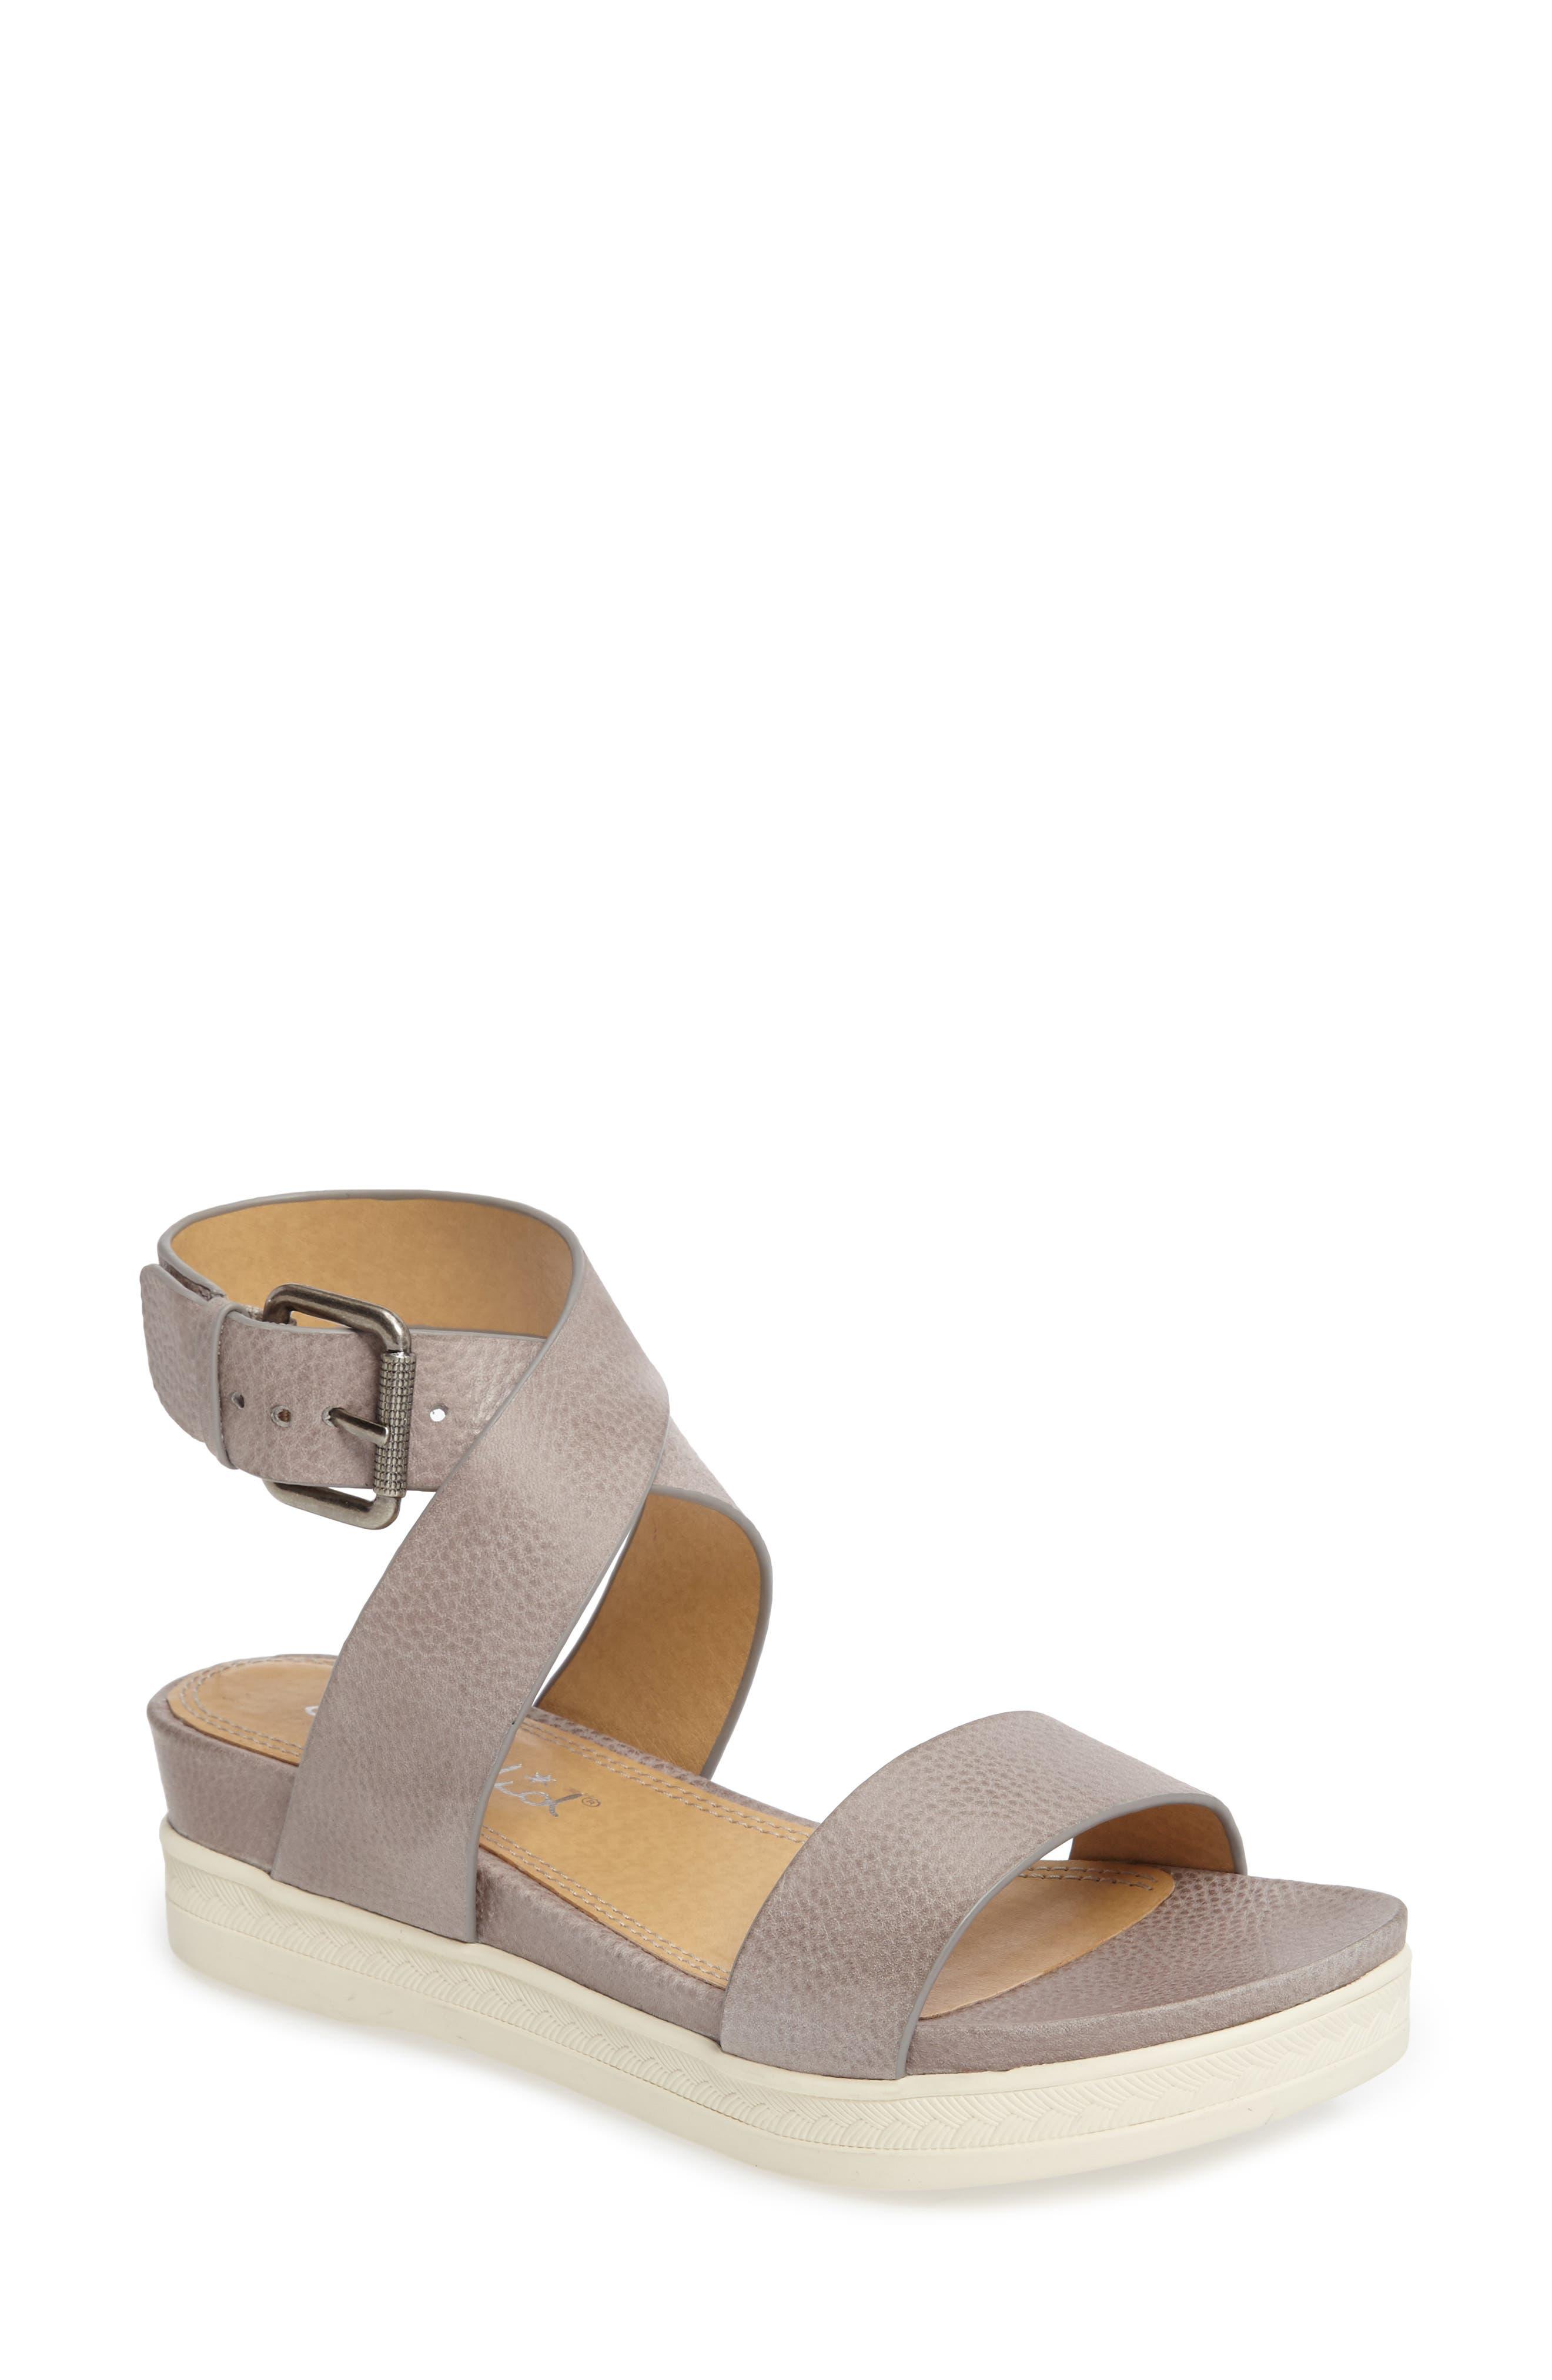 SPLENDID Julie Platform Sandal